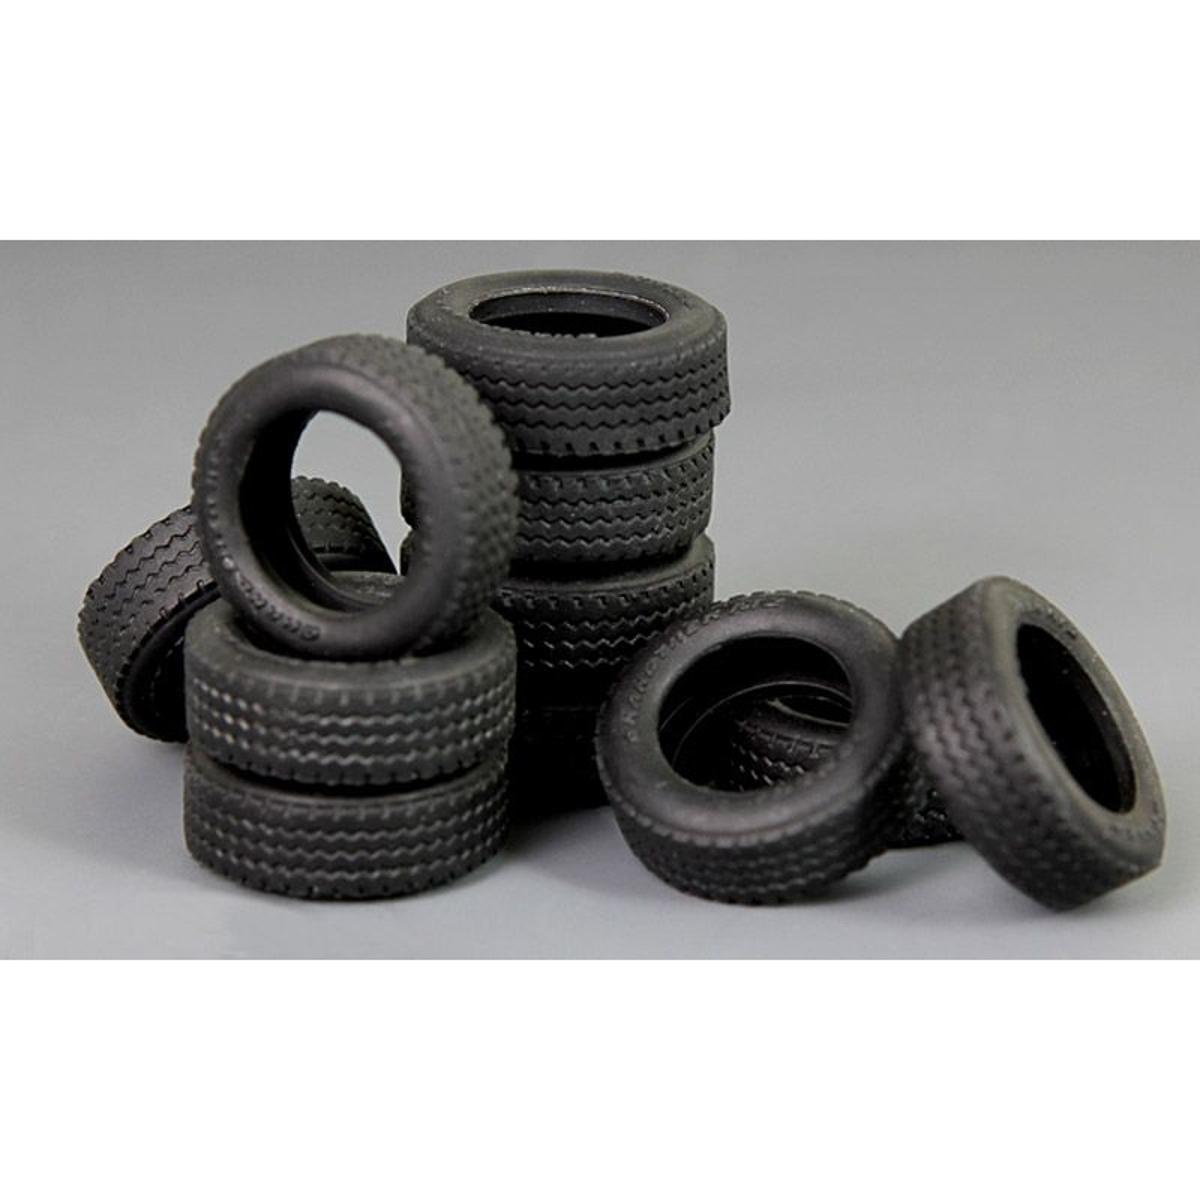 Accessoires pour maquettes 1/35 : 4 pneus